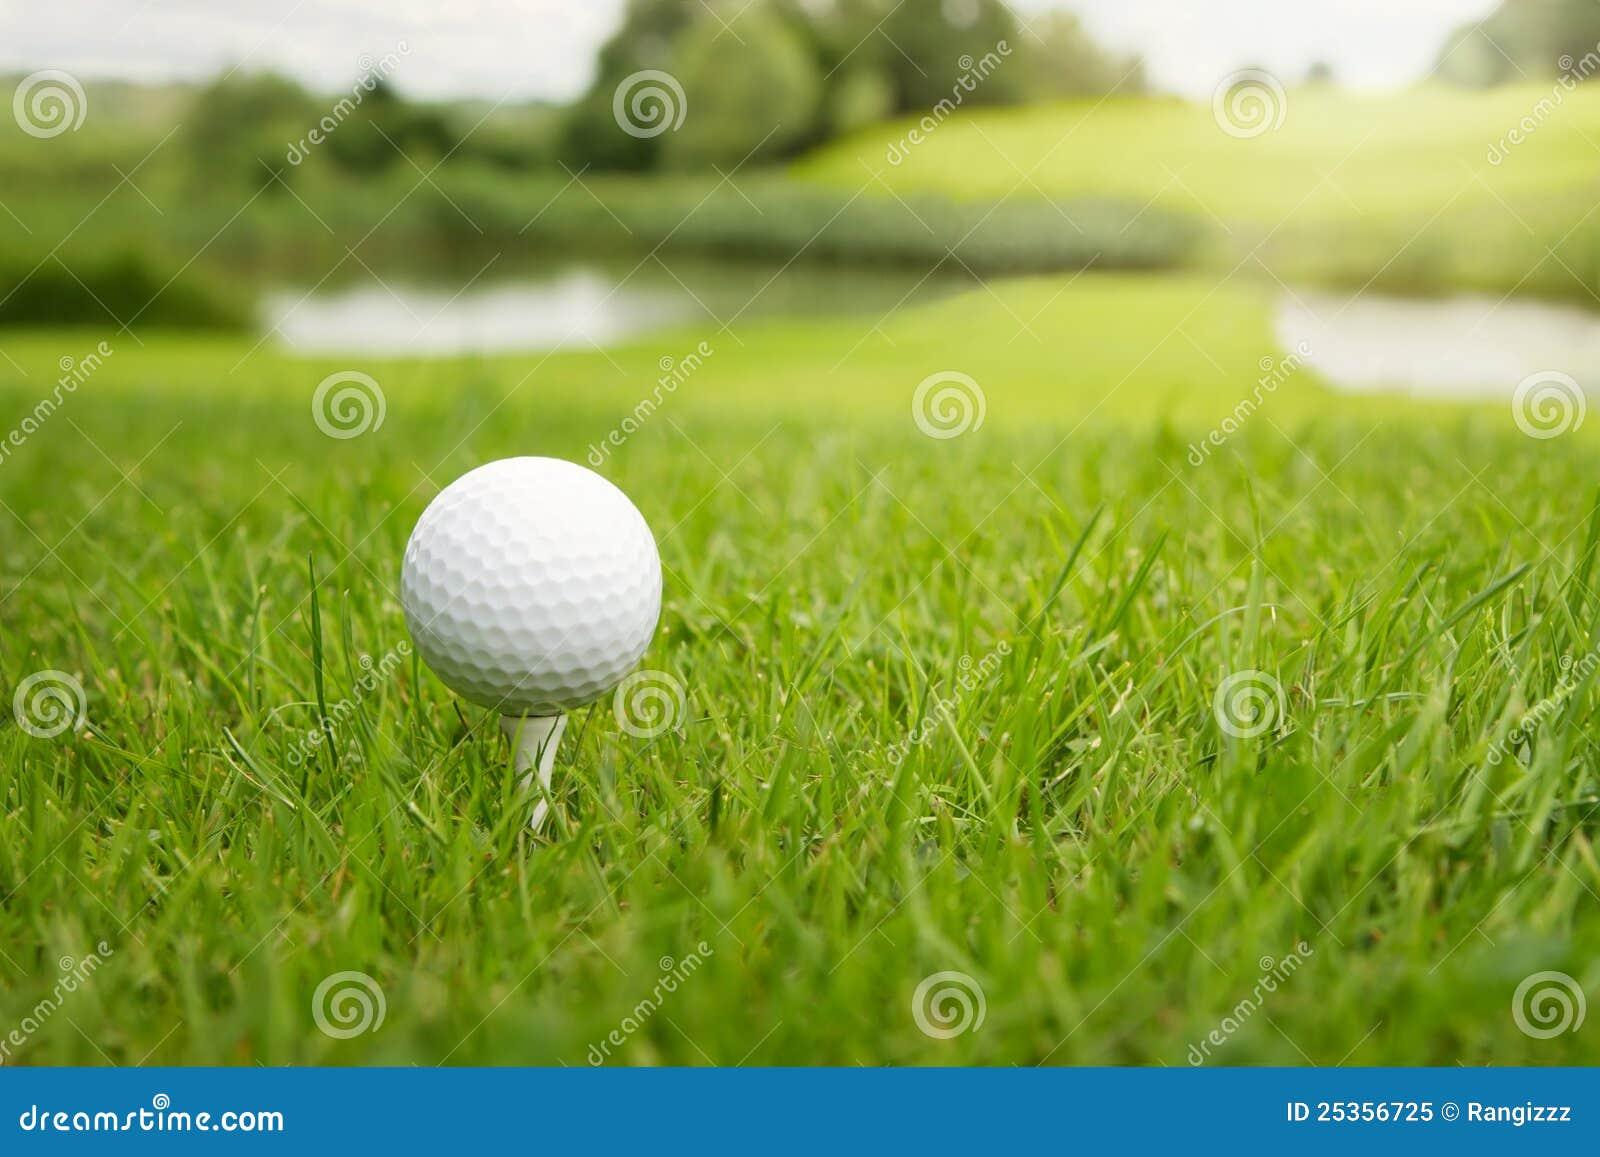 球路线高尔夫球